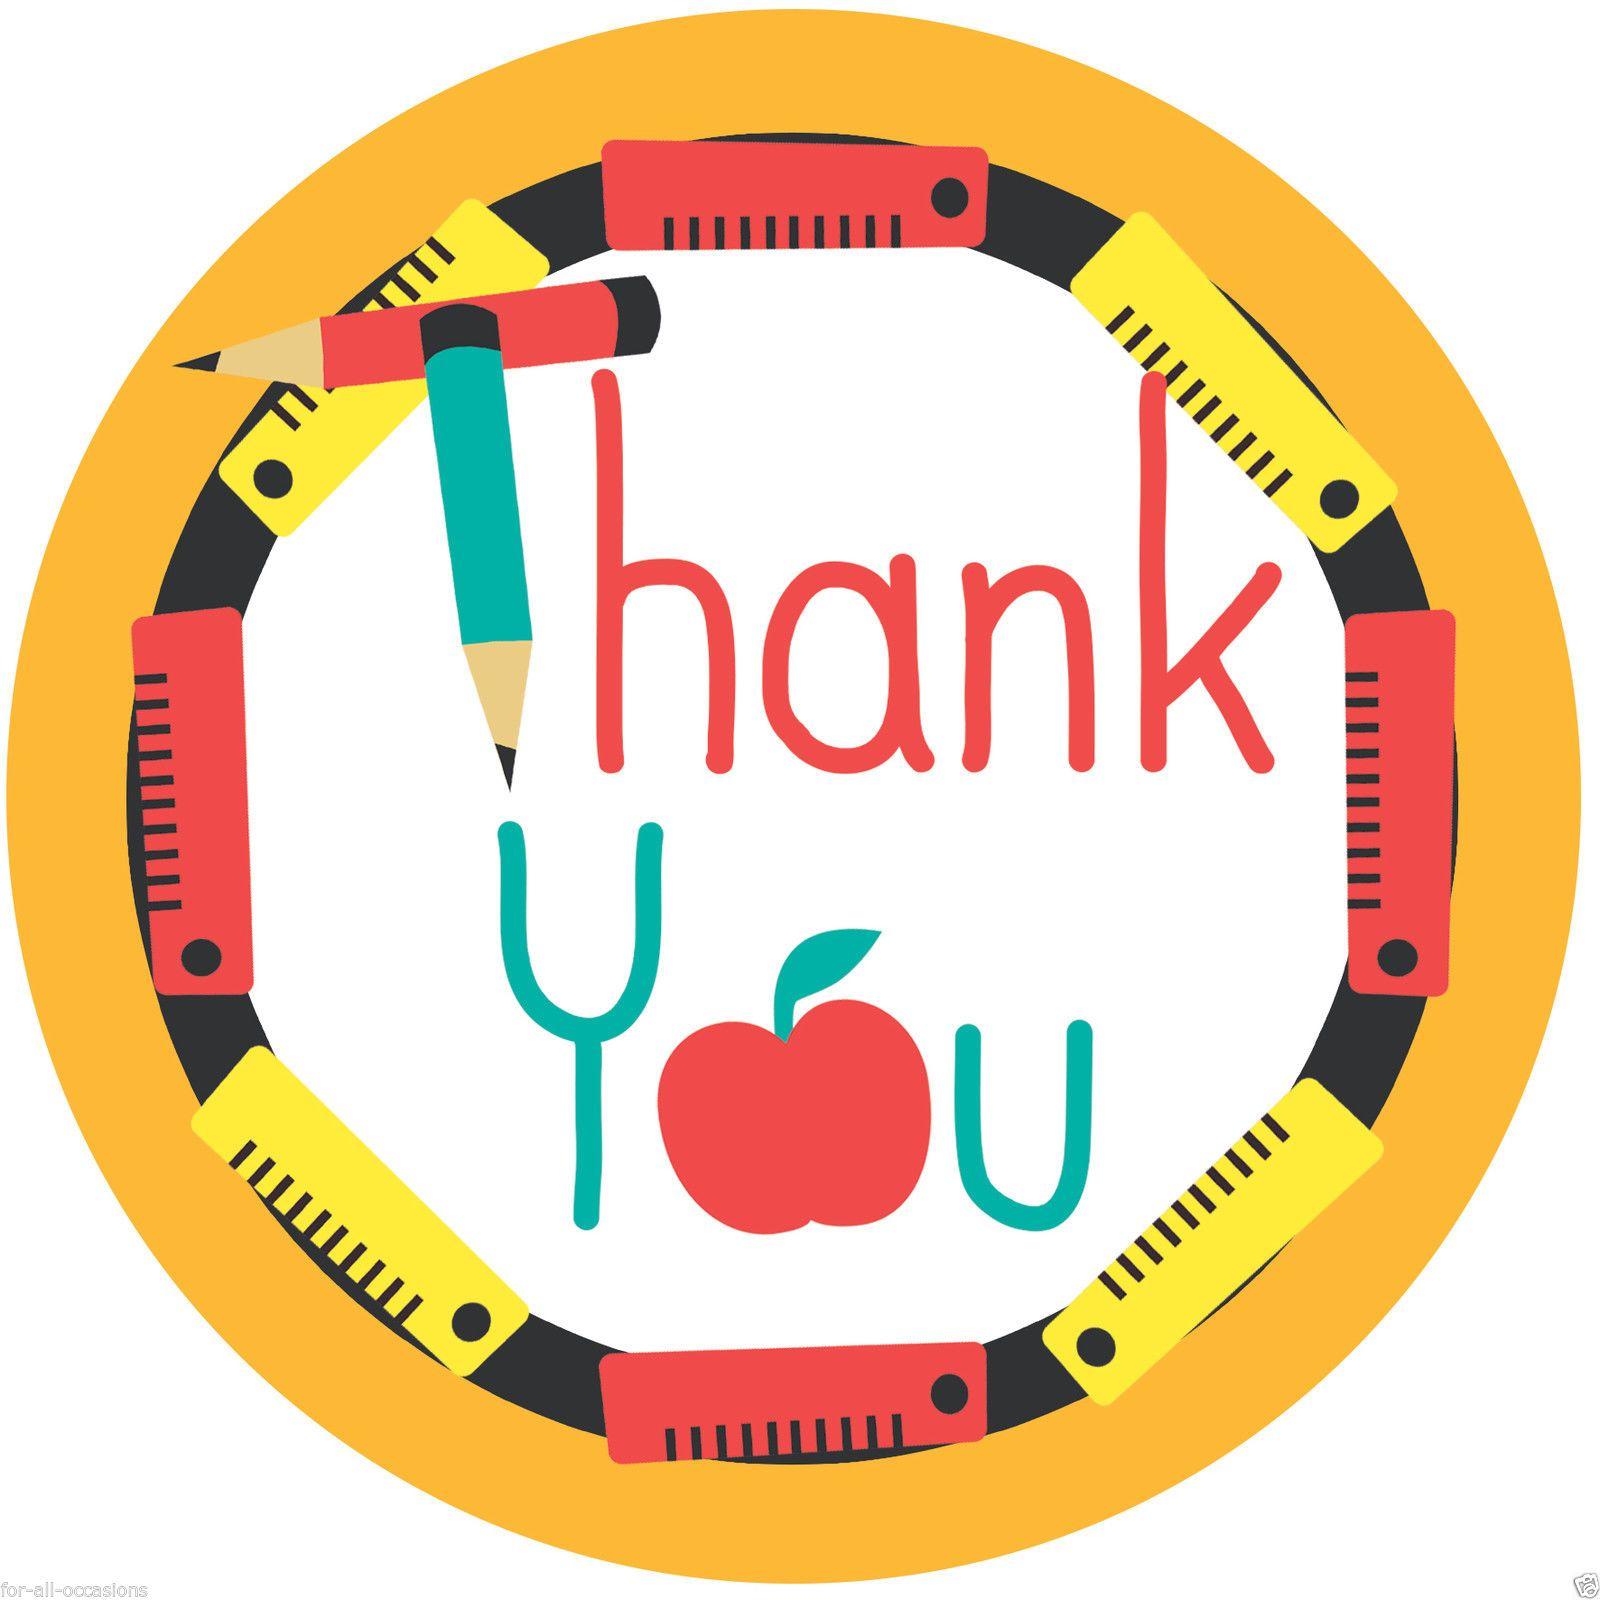 Thank You Teacher School Edible Rice Paper bun cupcake ...